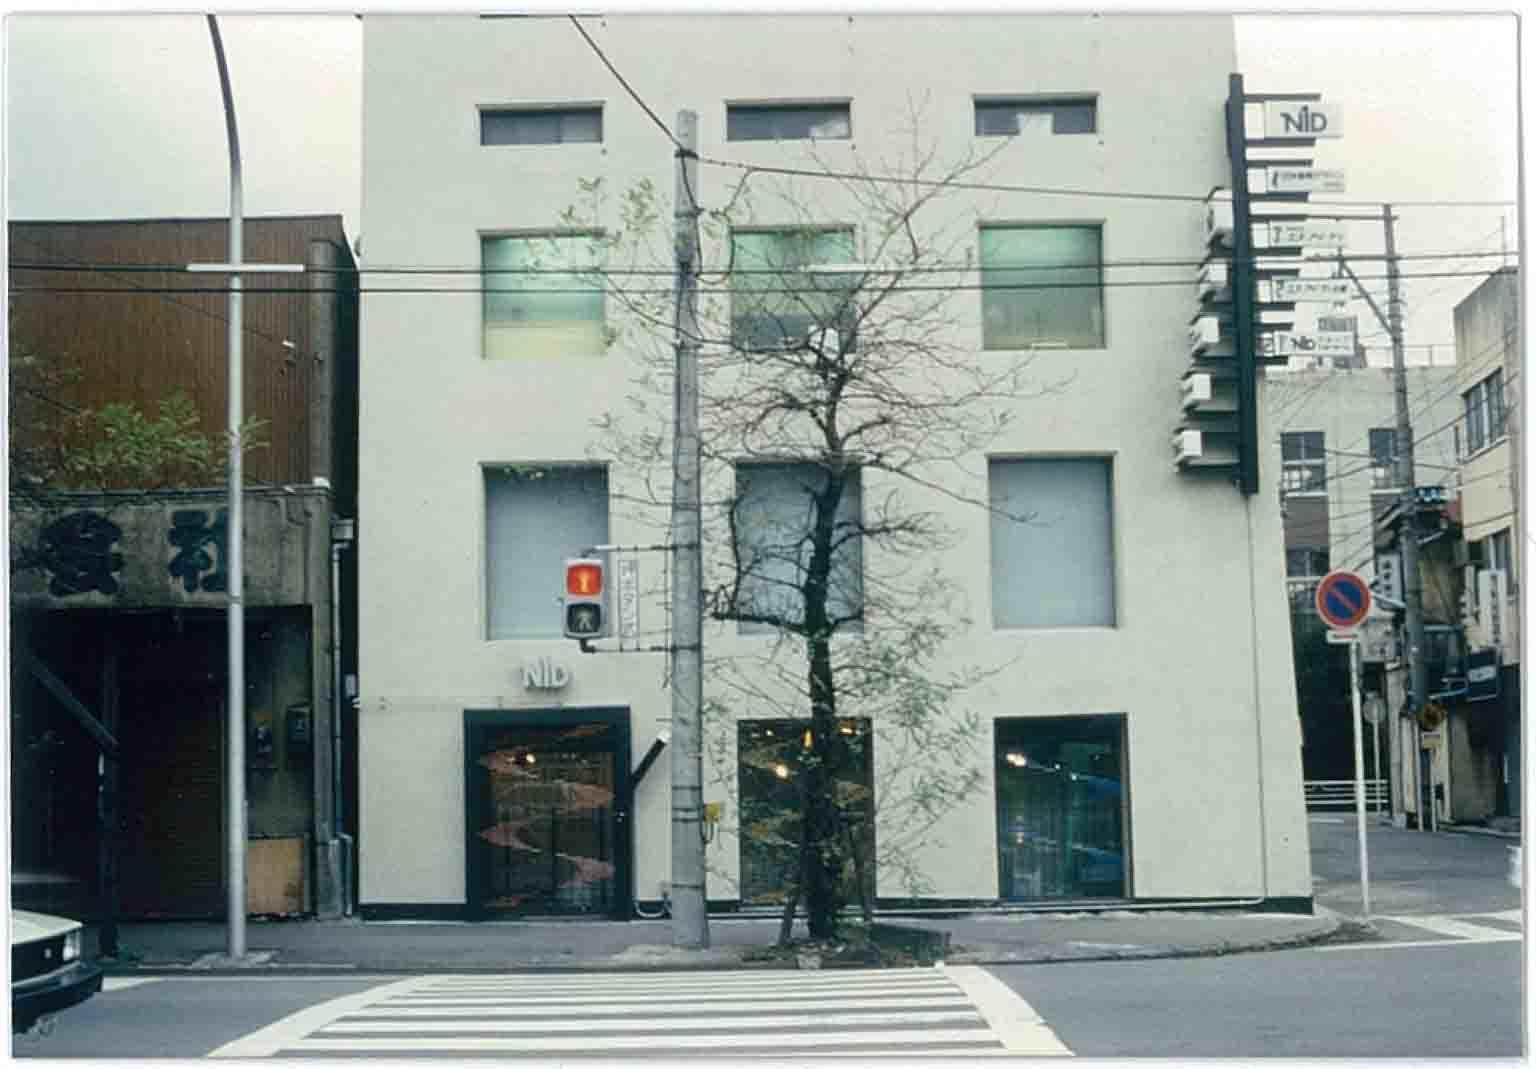 過去へ遡る、1980〜1981年横浜1 : 『文化』を勝手に語る